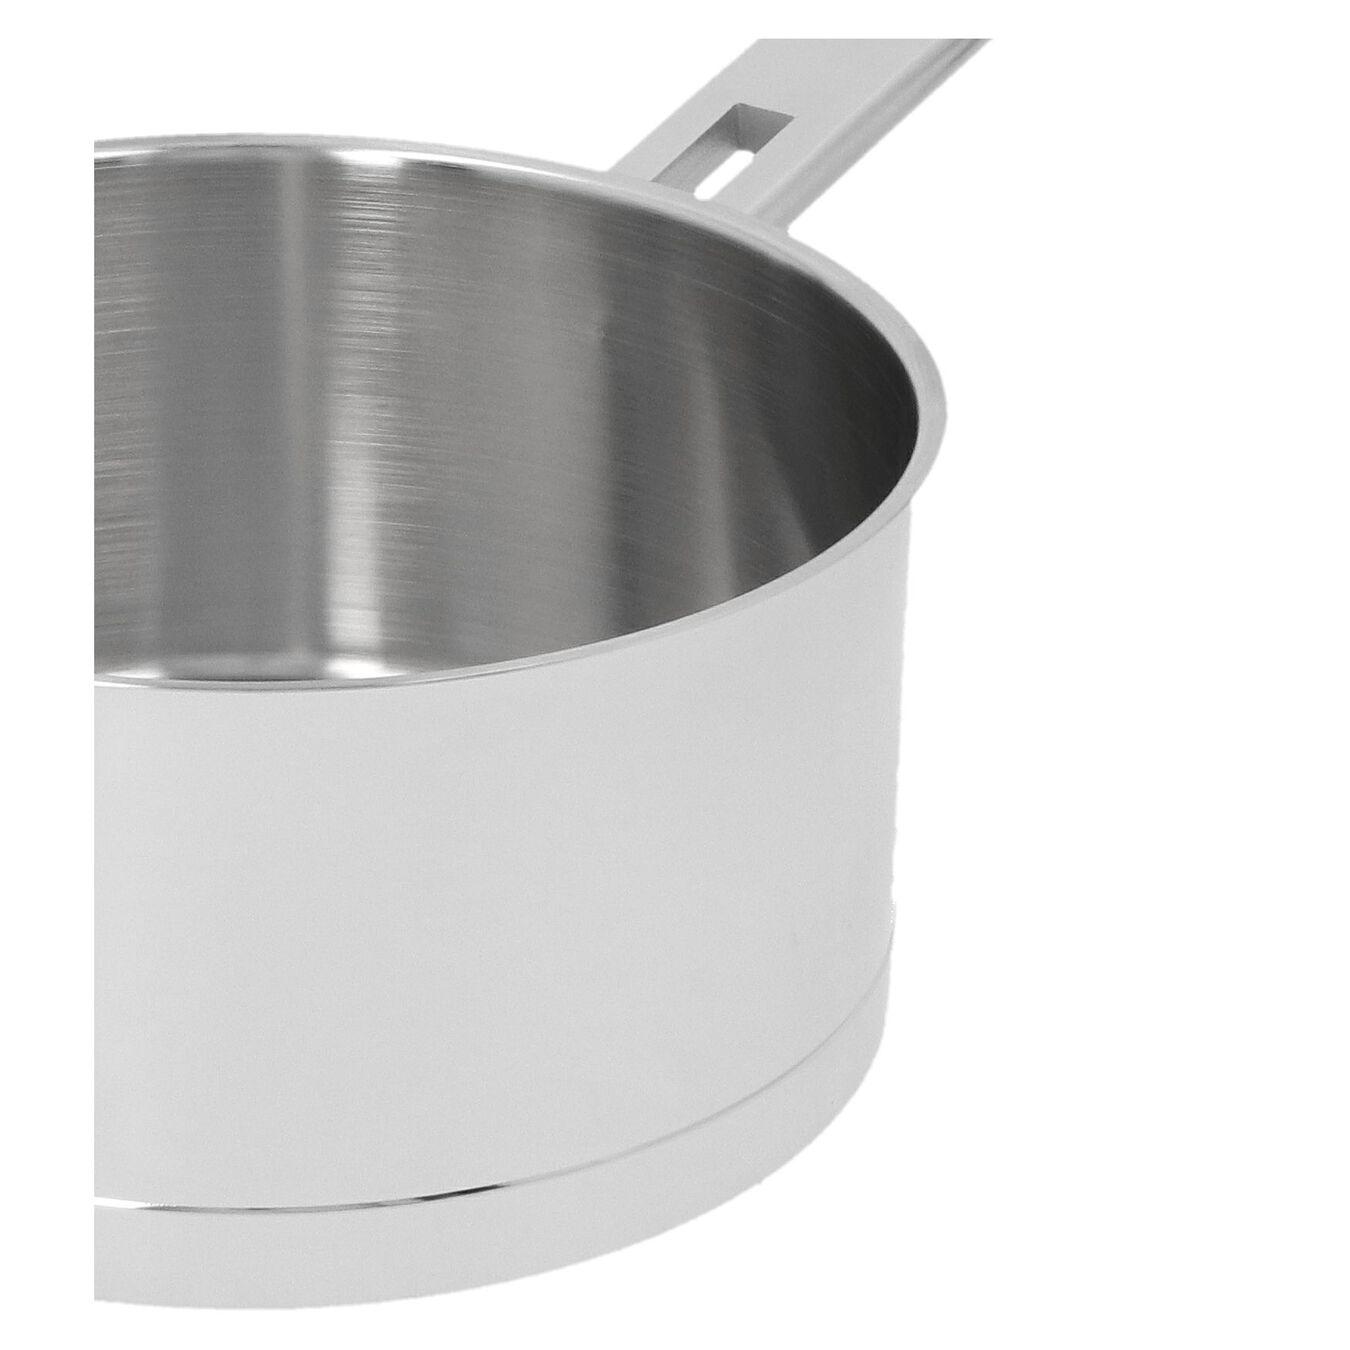 Sos Tenceresi Kapaklı | 18/10 Paslanmaz Çelik | 20 cm | Metalik Gri,,large 4